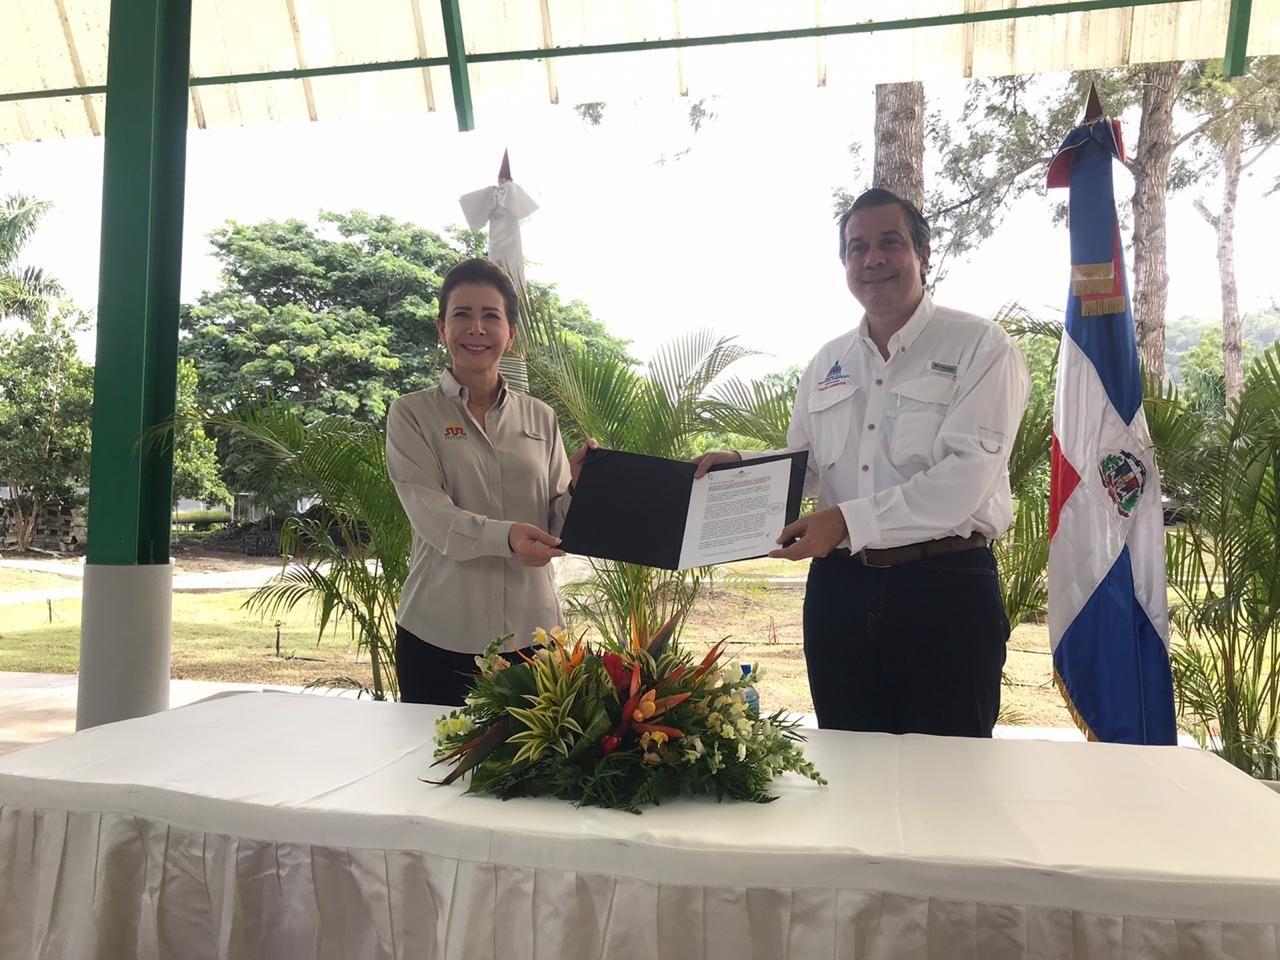 <p>Ministerio de Medio Ambiente declara primera &aacute;rea protegida privada de la regi&oacute;n Sur del pa&iacute;s</p>